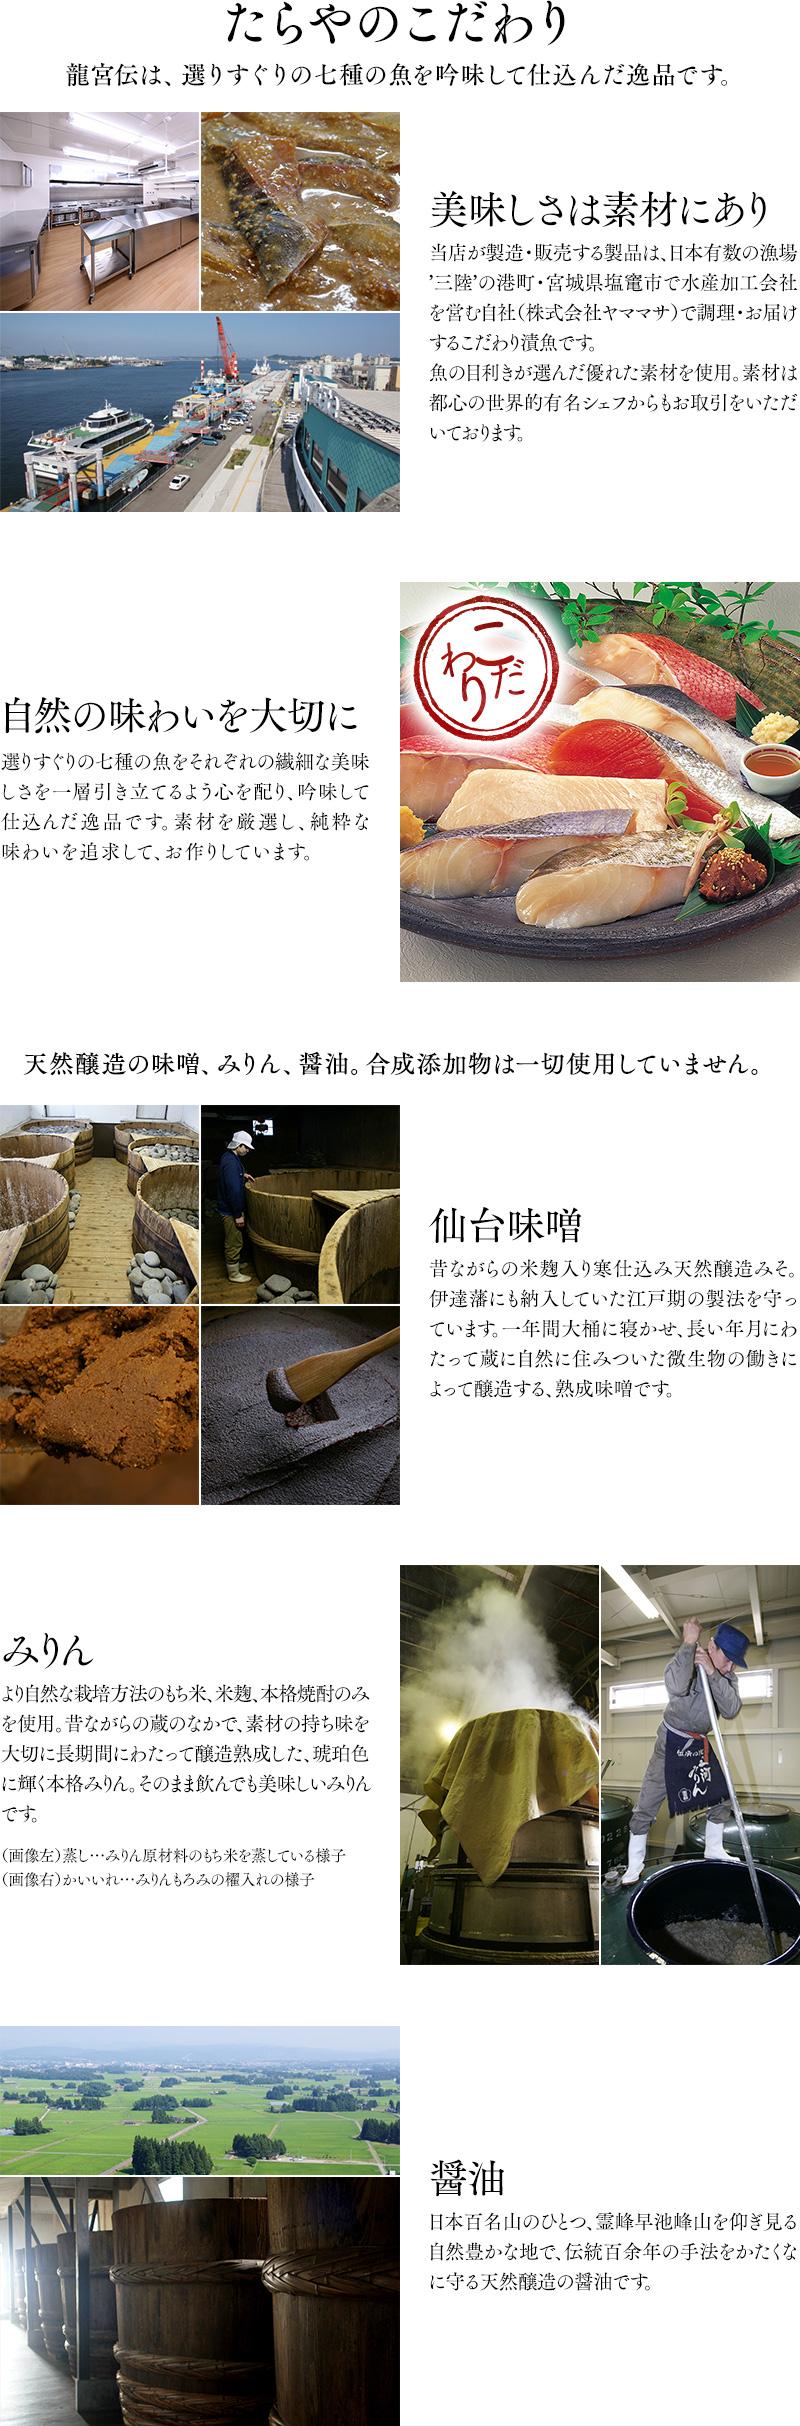 たらやのこだわり−選び抜いた素材をていねいに炊き上げた熟練の味、本格煮魚です。